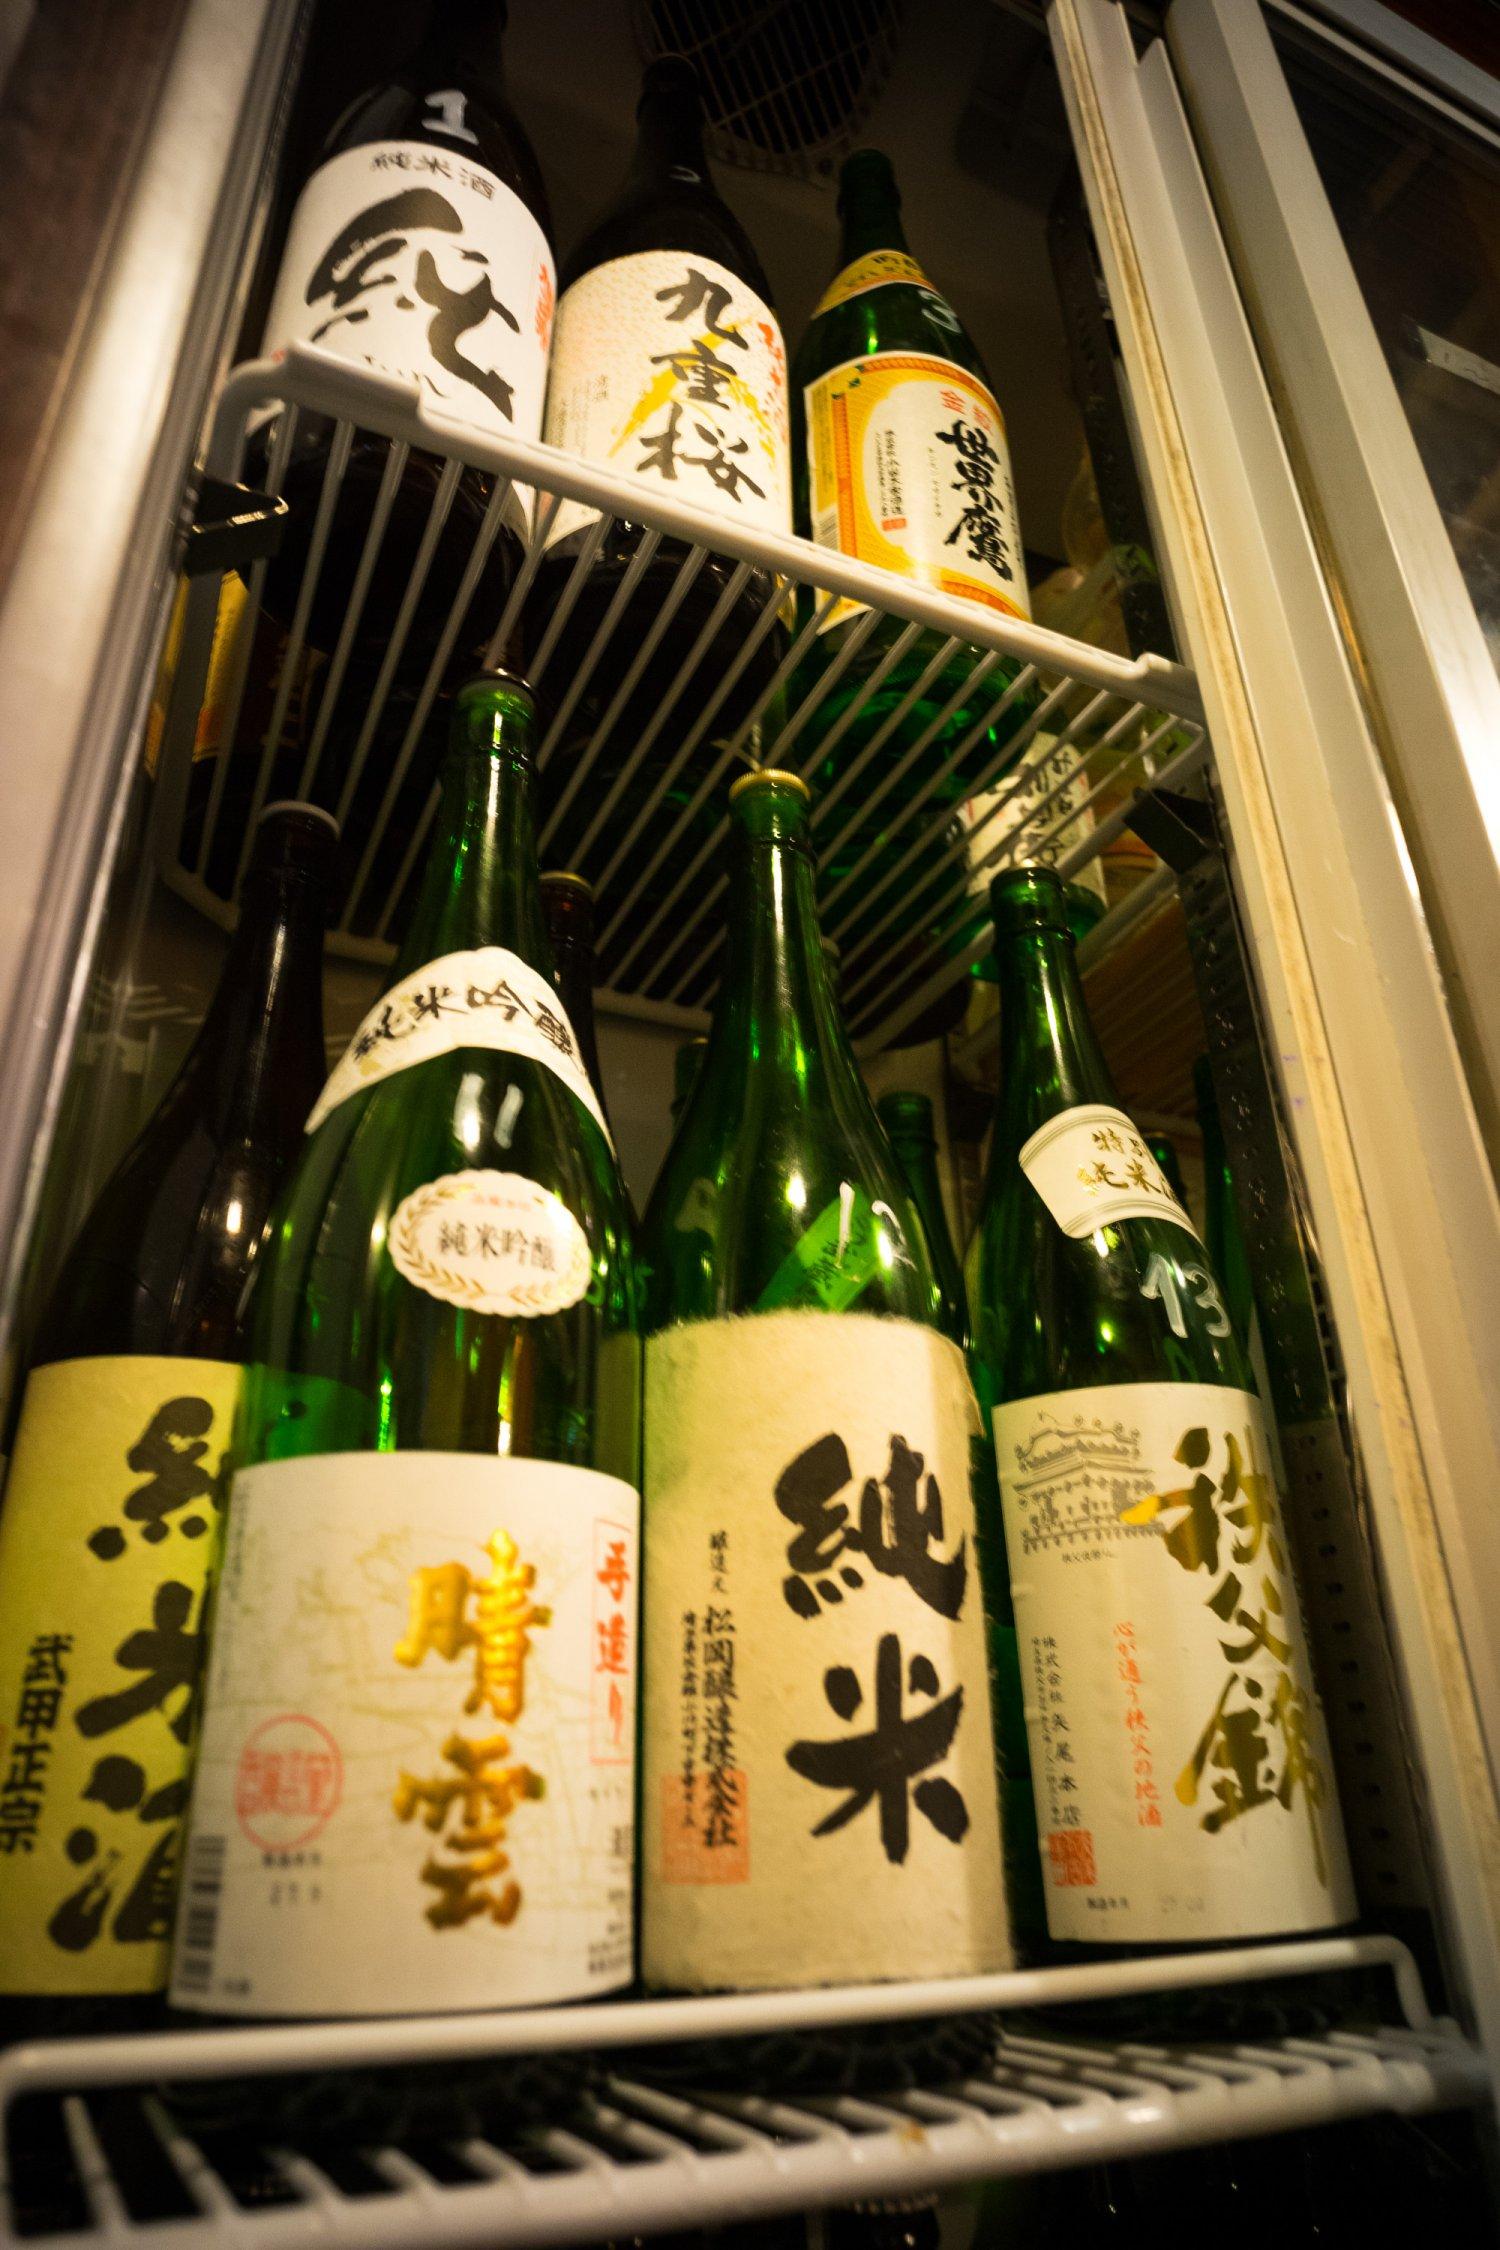 店内2つの冷蔵庫に収まる埼玉の地酒。